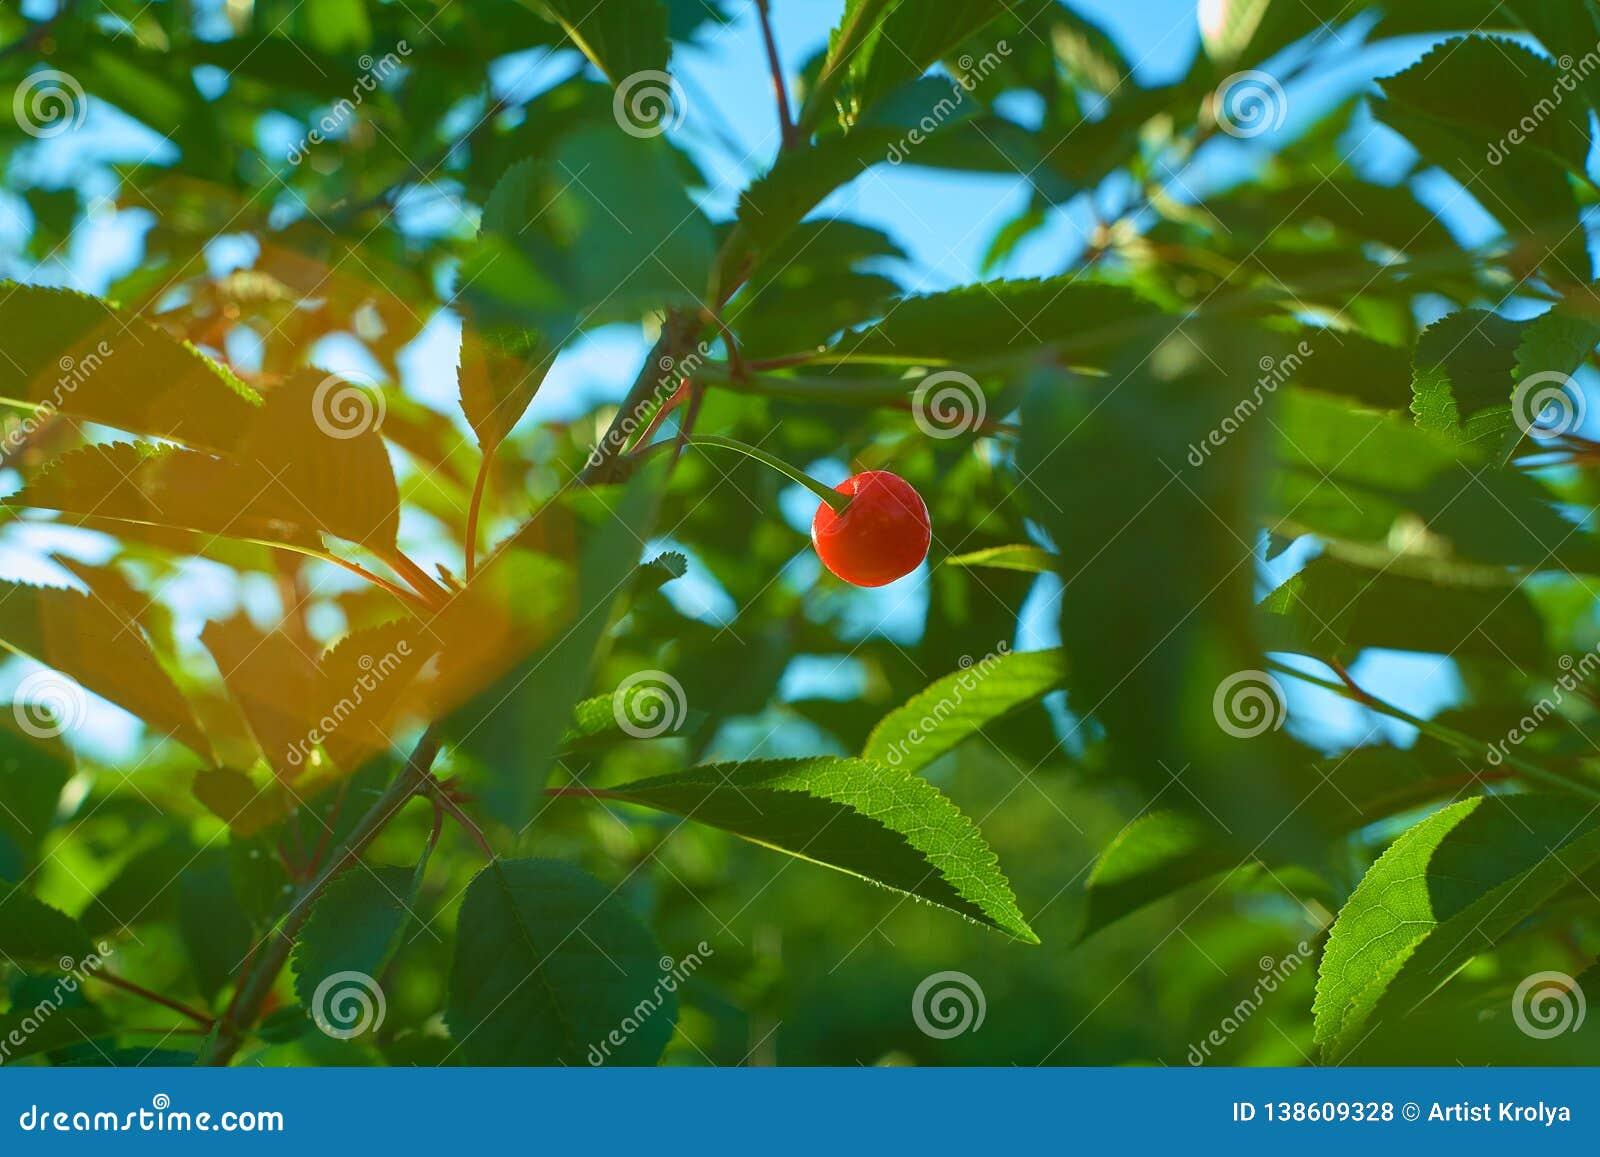 Enkel mogen körsbärsröd frukt som hänger på filial